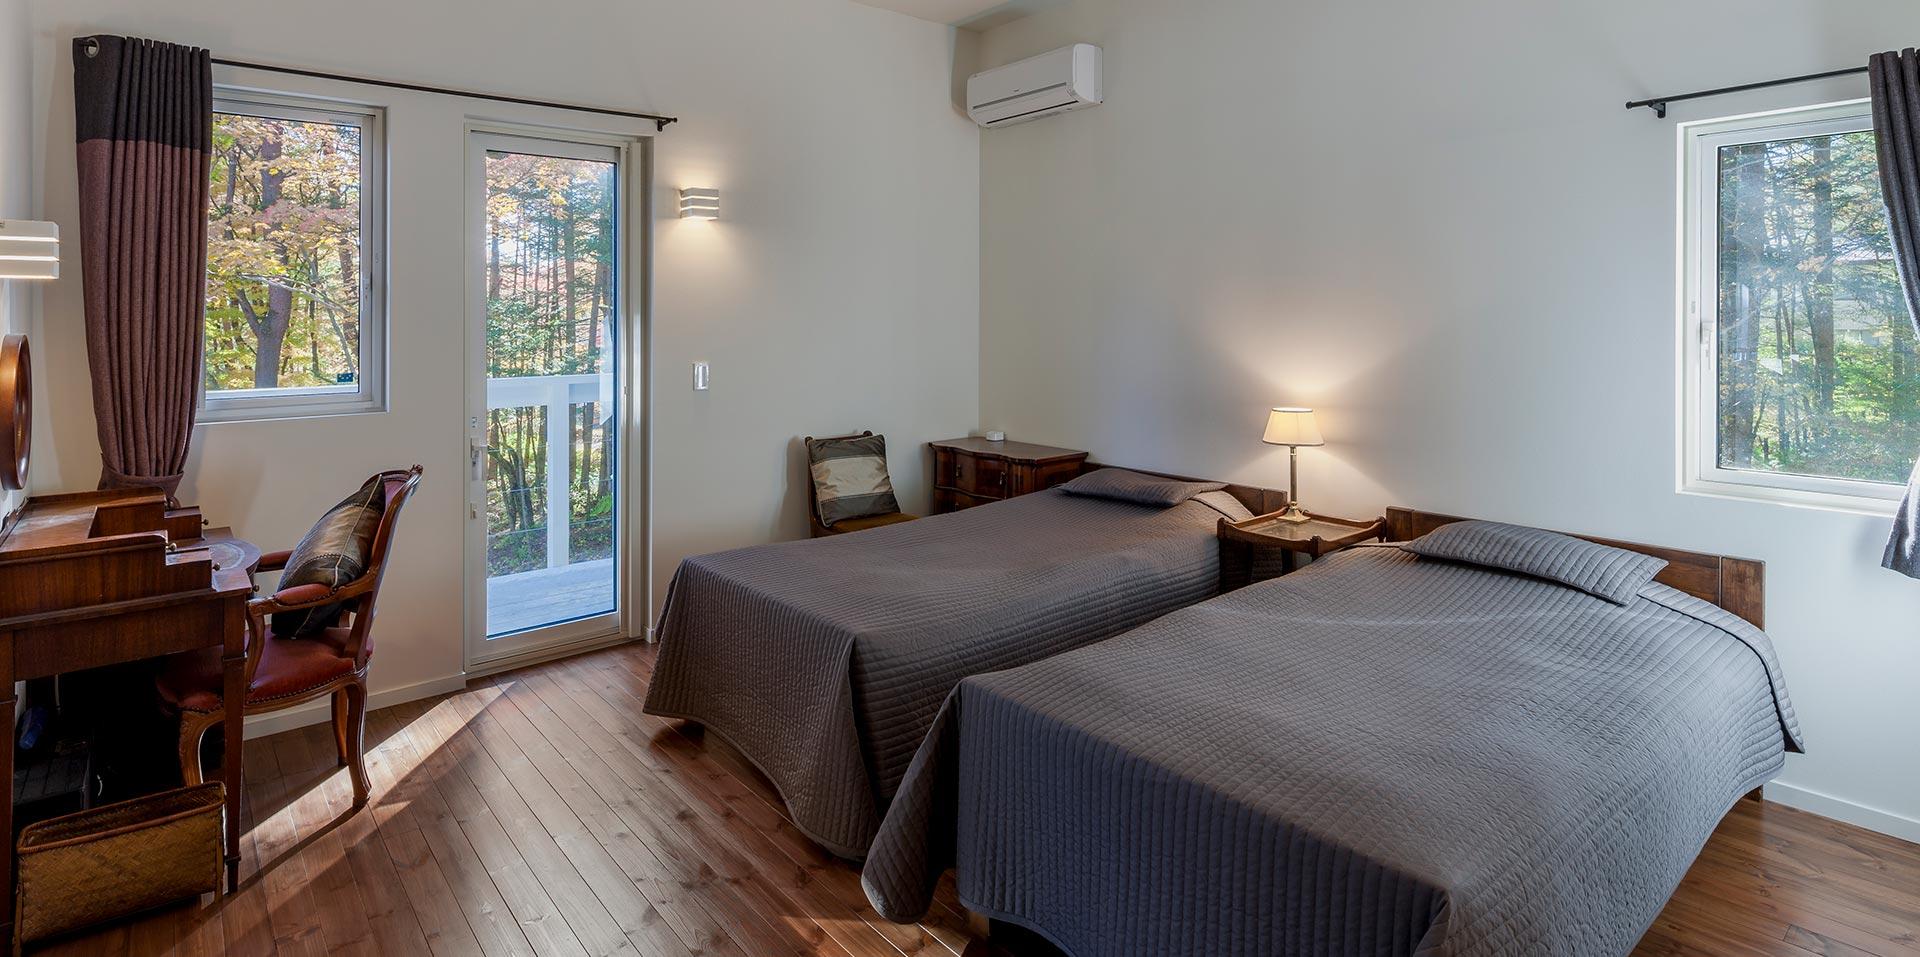 シンプルなベッドルームに、美しい景色を一望できる2階テラスを併設